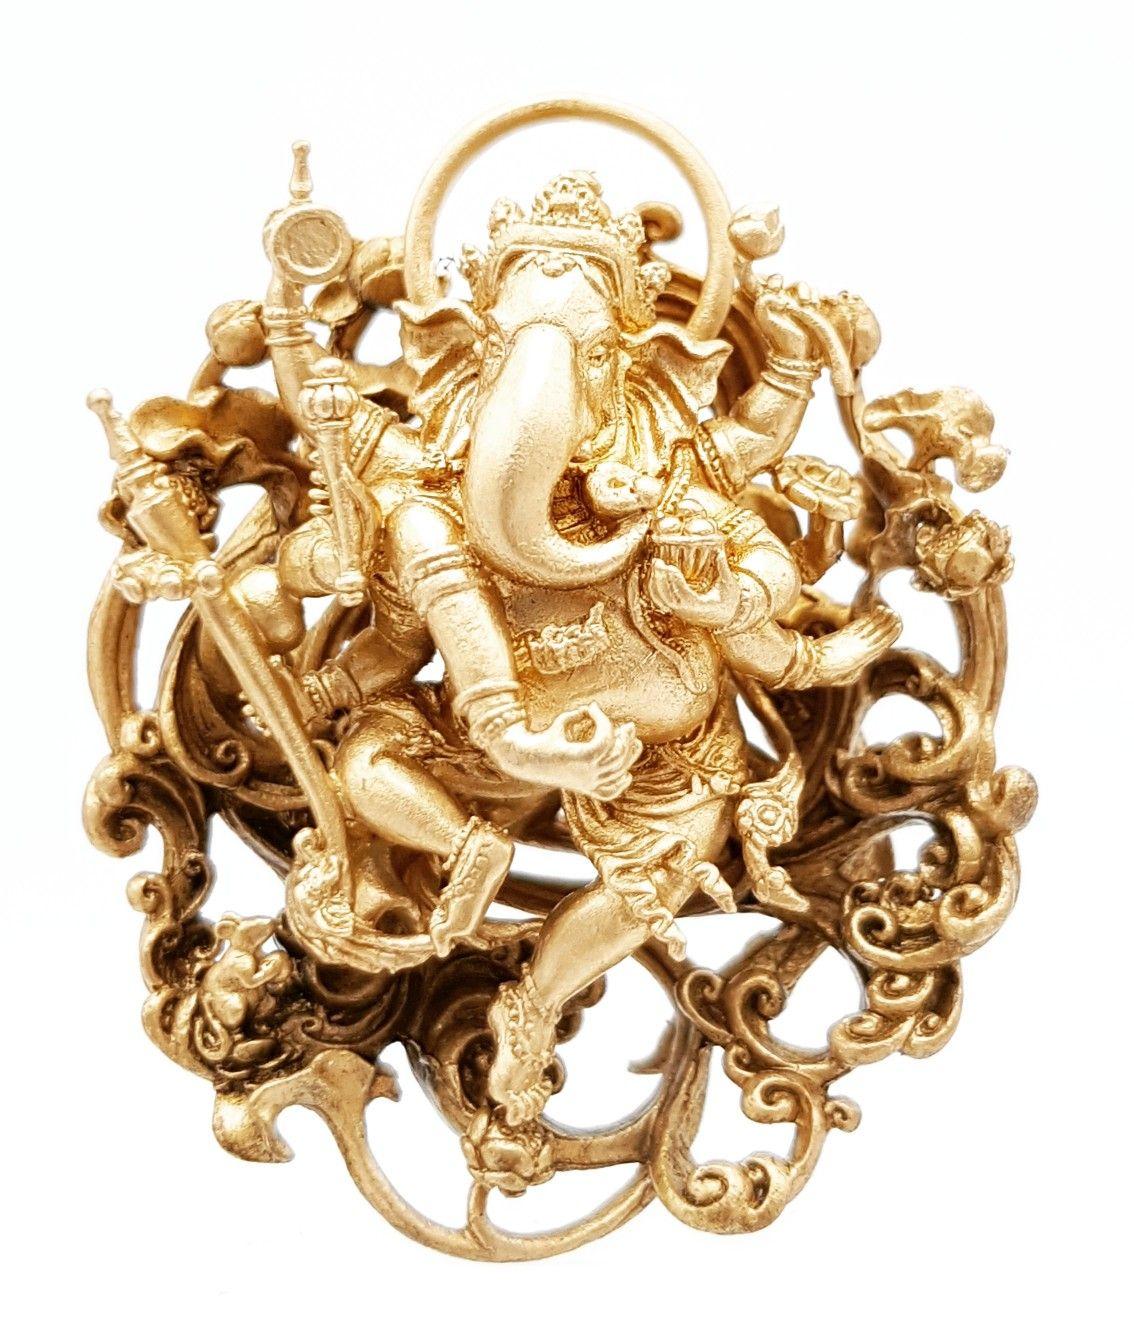 popular Thai amulet Phra Pidta Nakkarah Lp Khumbu Protection Metta Maha Niyom